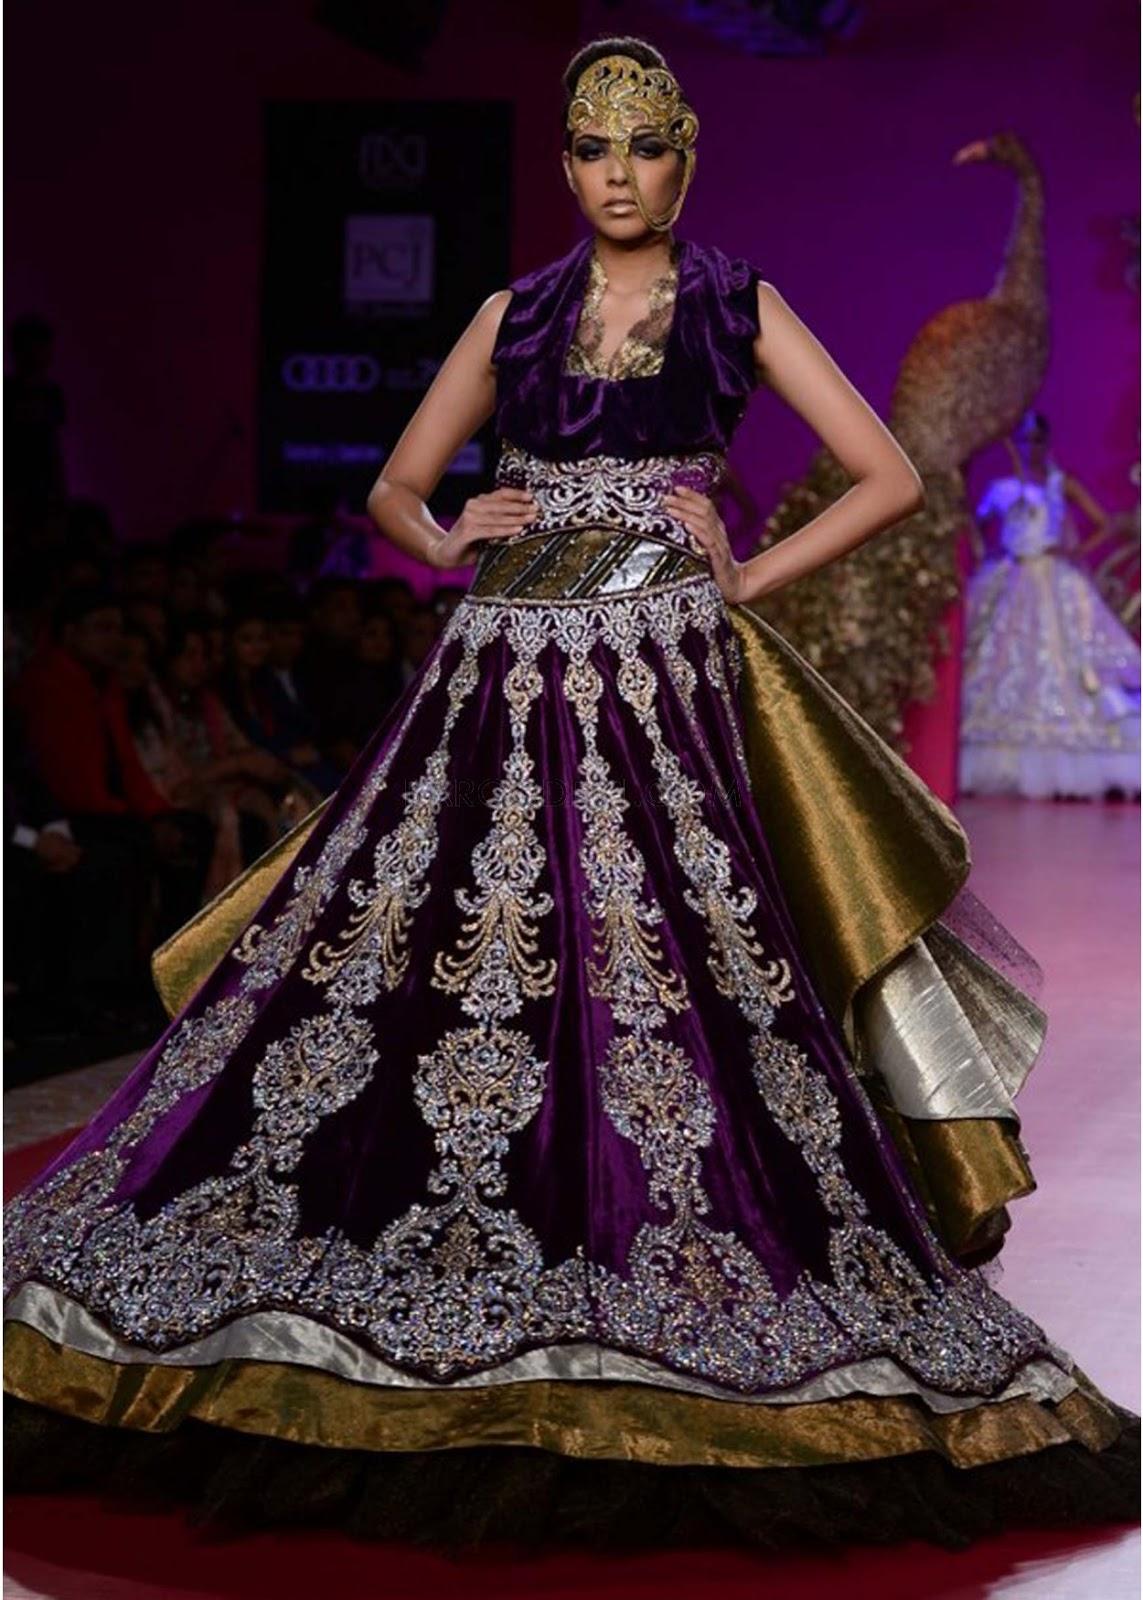 Ritu Beri Collection at PCJ Delhi - 276.2KB